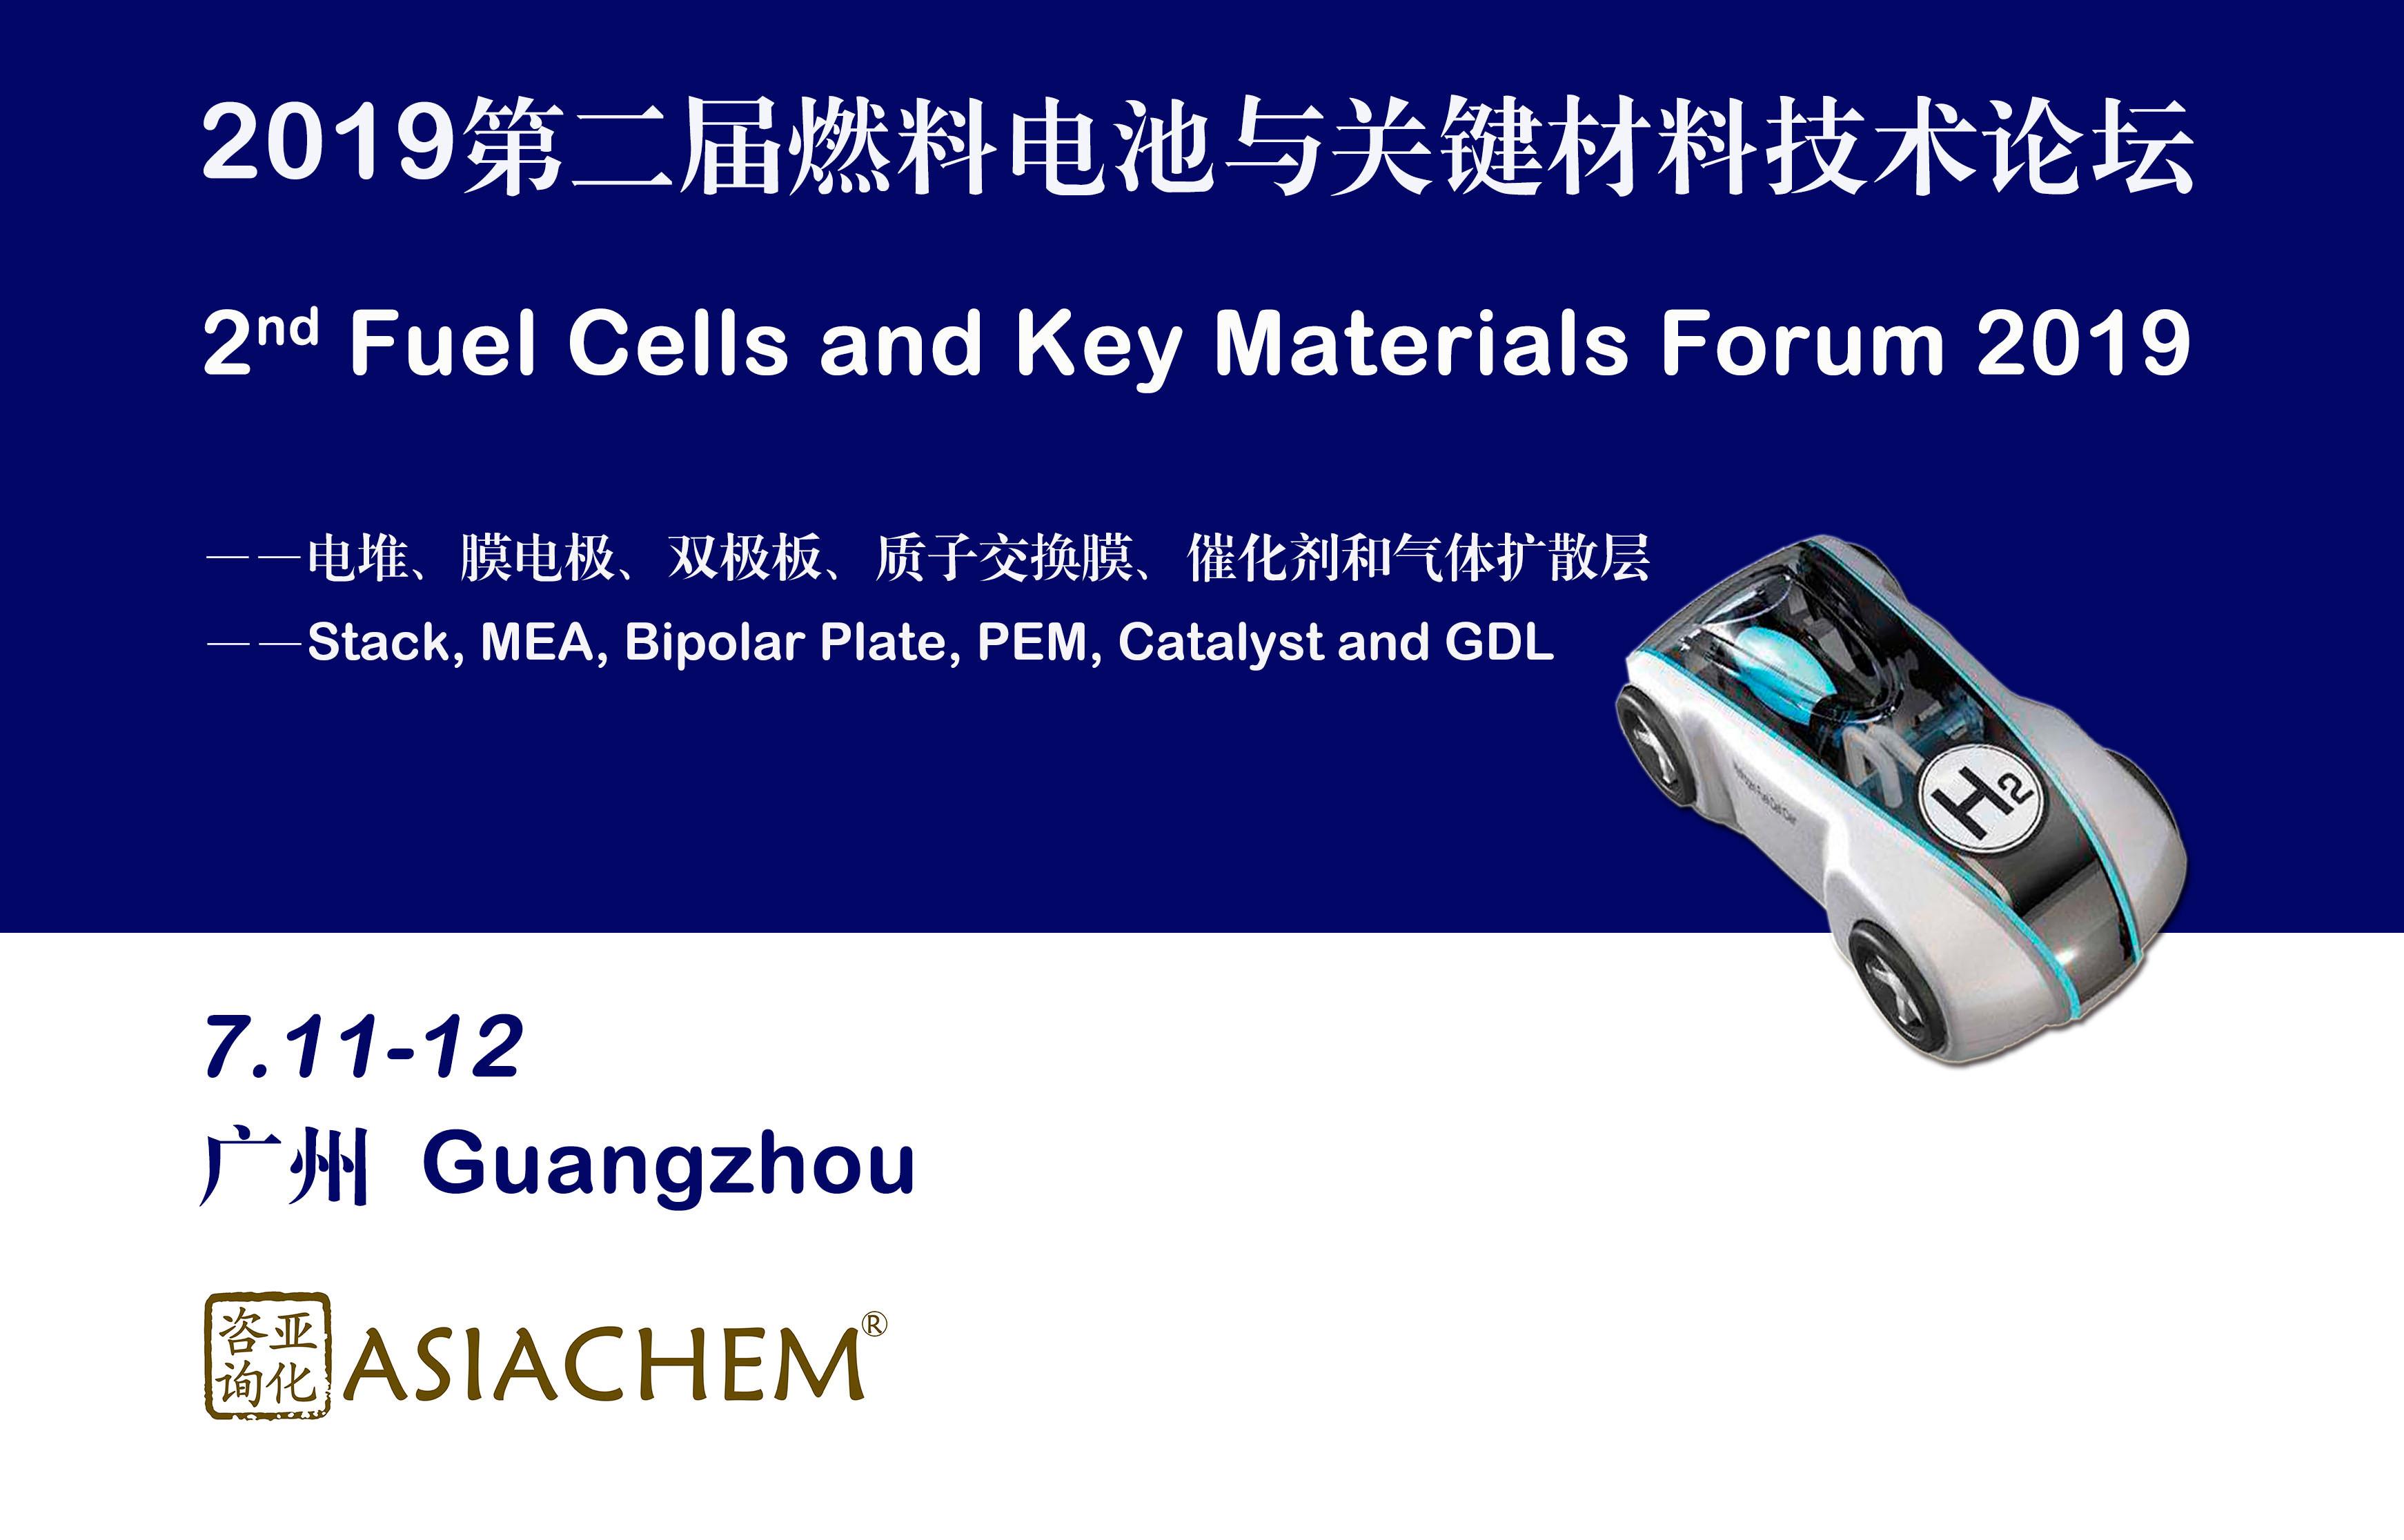 2019第二届燃料电池与关键材料技术论坛(广州)